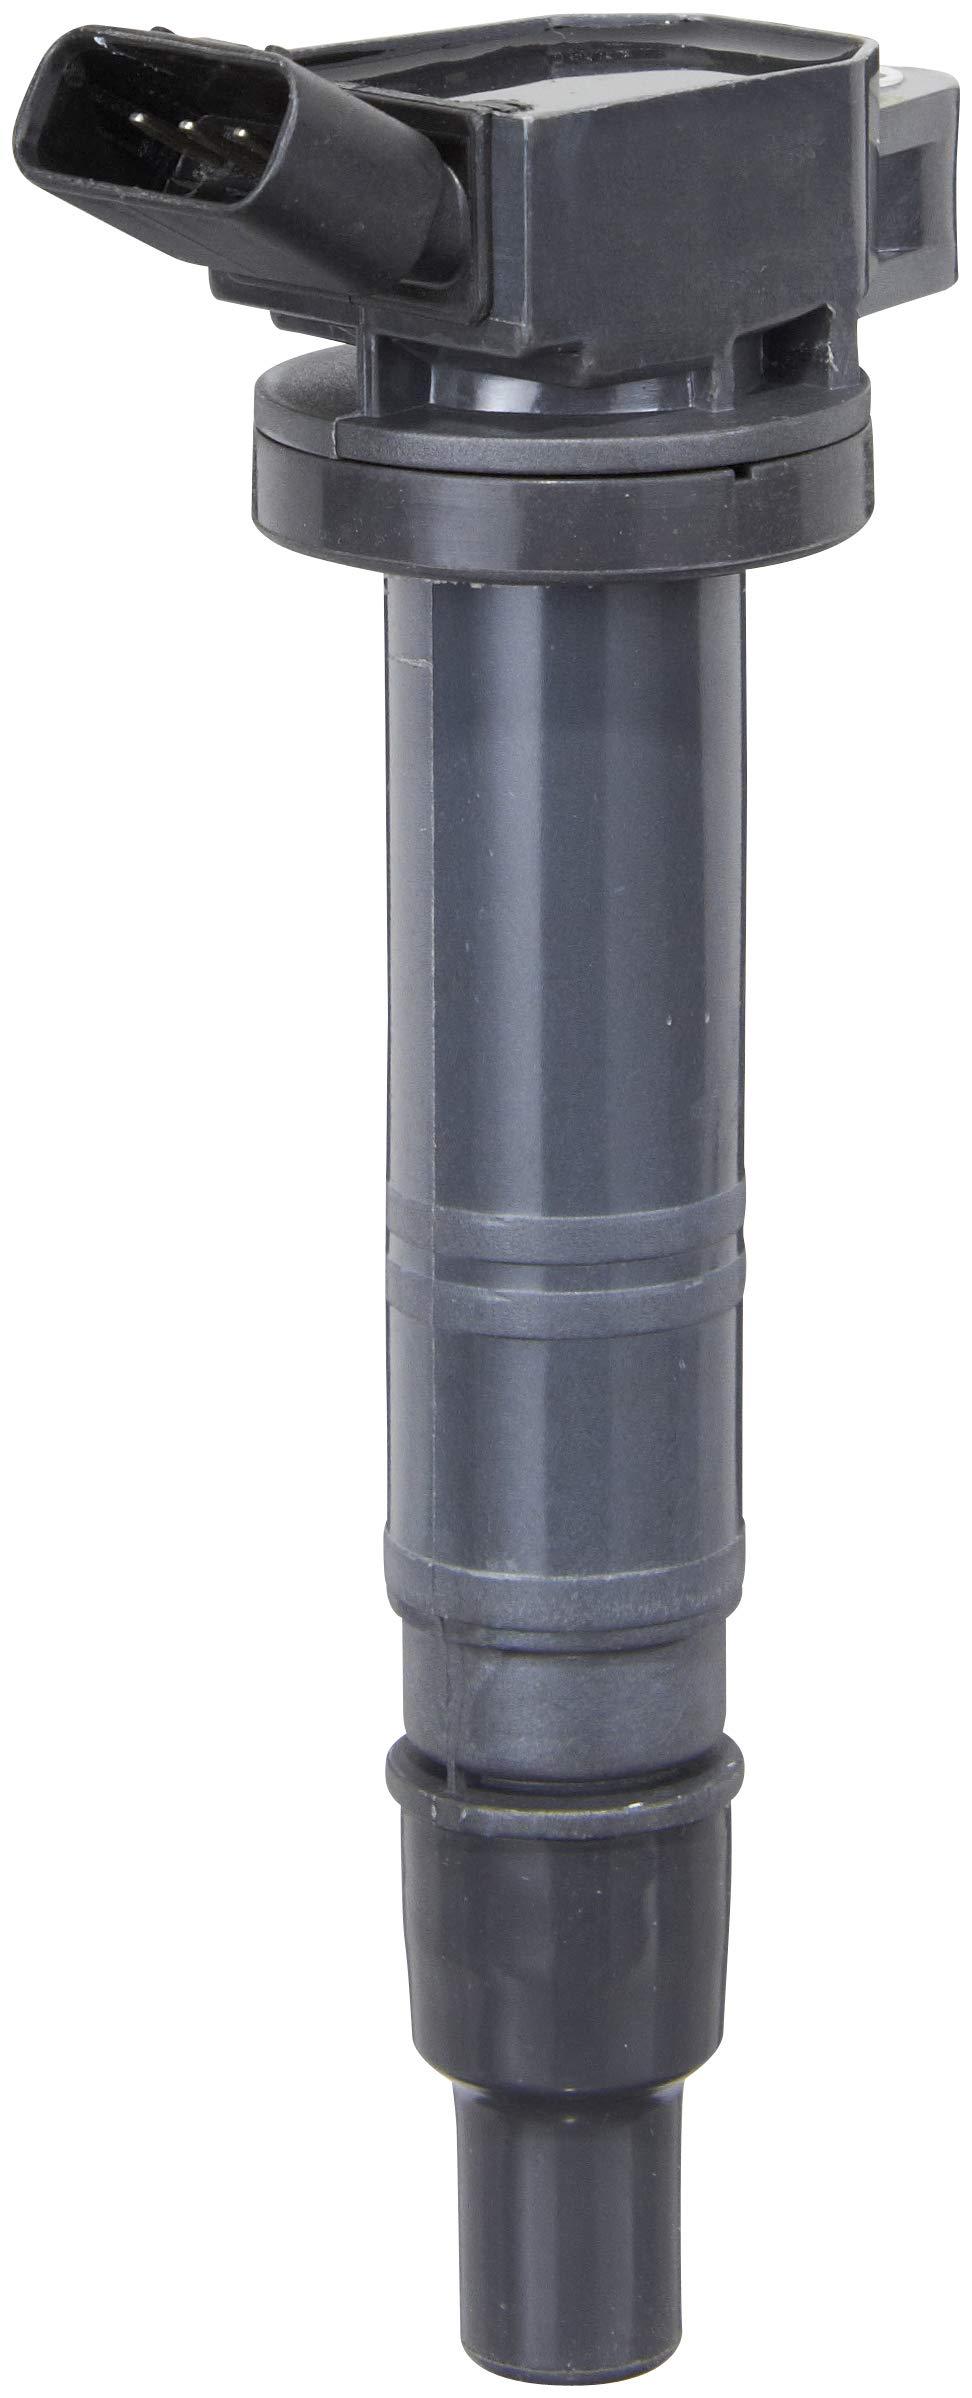 Spectra Premium C-666 Coil on Plug by Spectra Premium